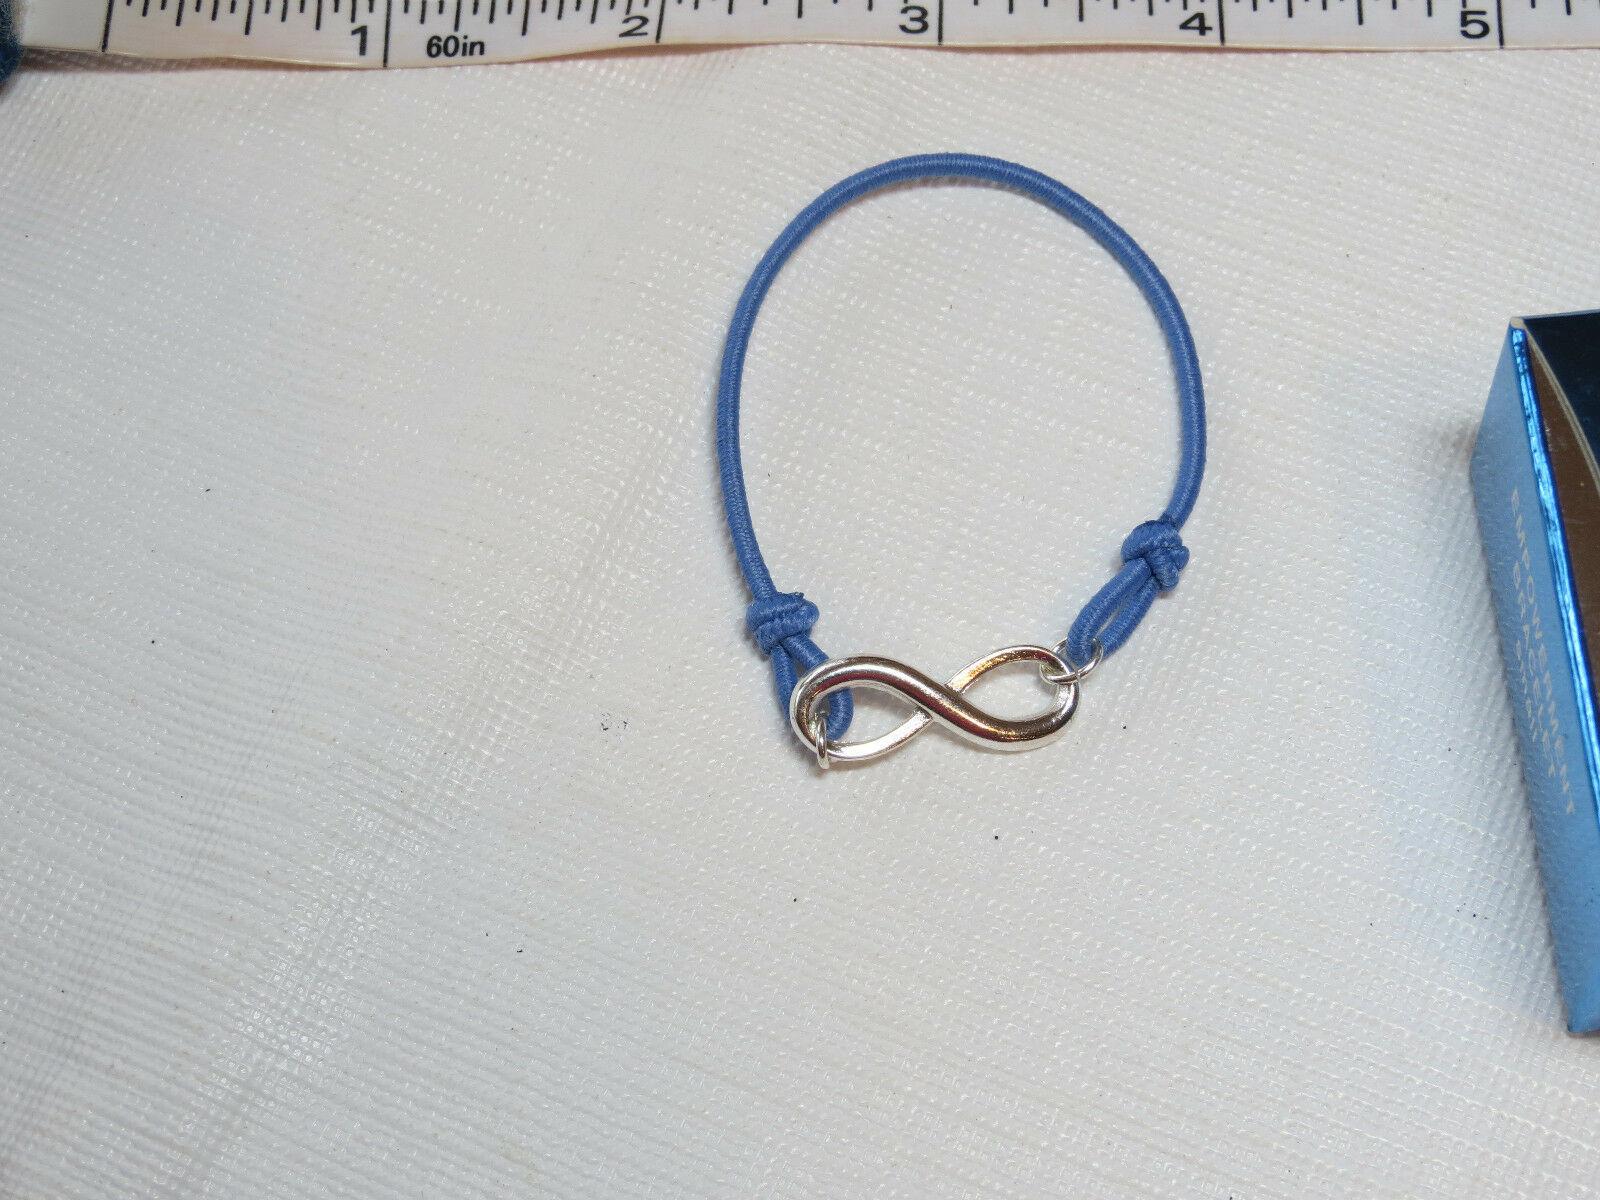 Donne Ragazze Avon Potenziamento Bracciale Piccolo Blu F3216611 Nip image 3